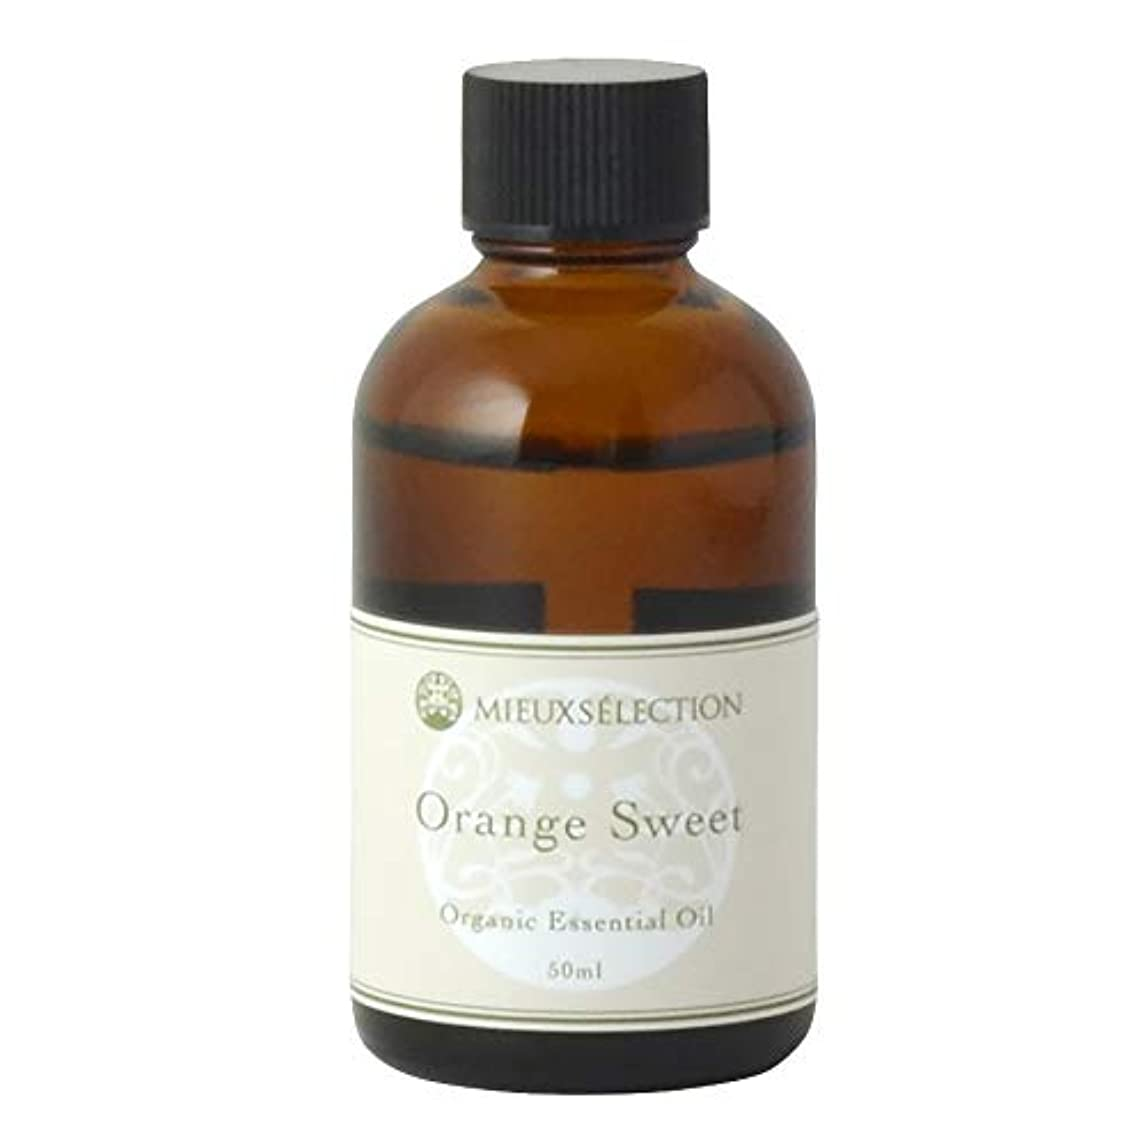 削除する優しい息切れオーガニックエッセンシャルオイル オレンジ?スイート 50ml